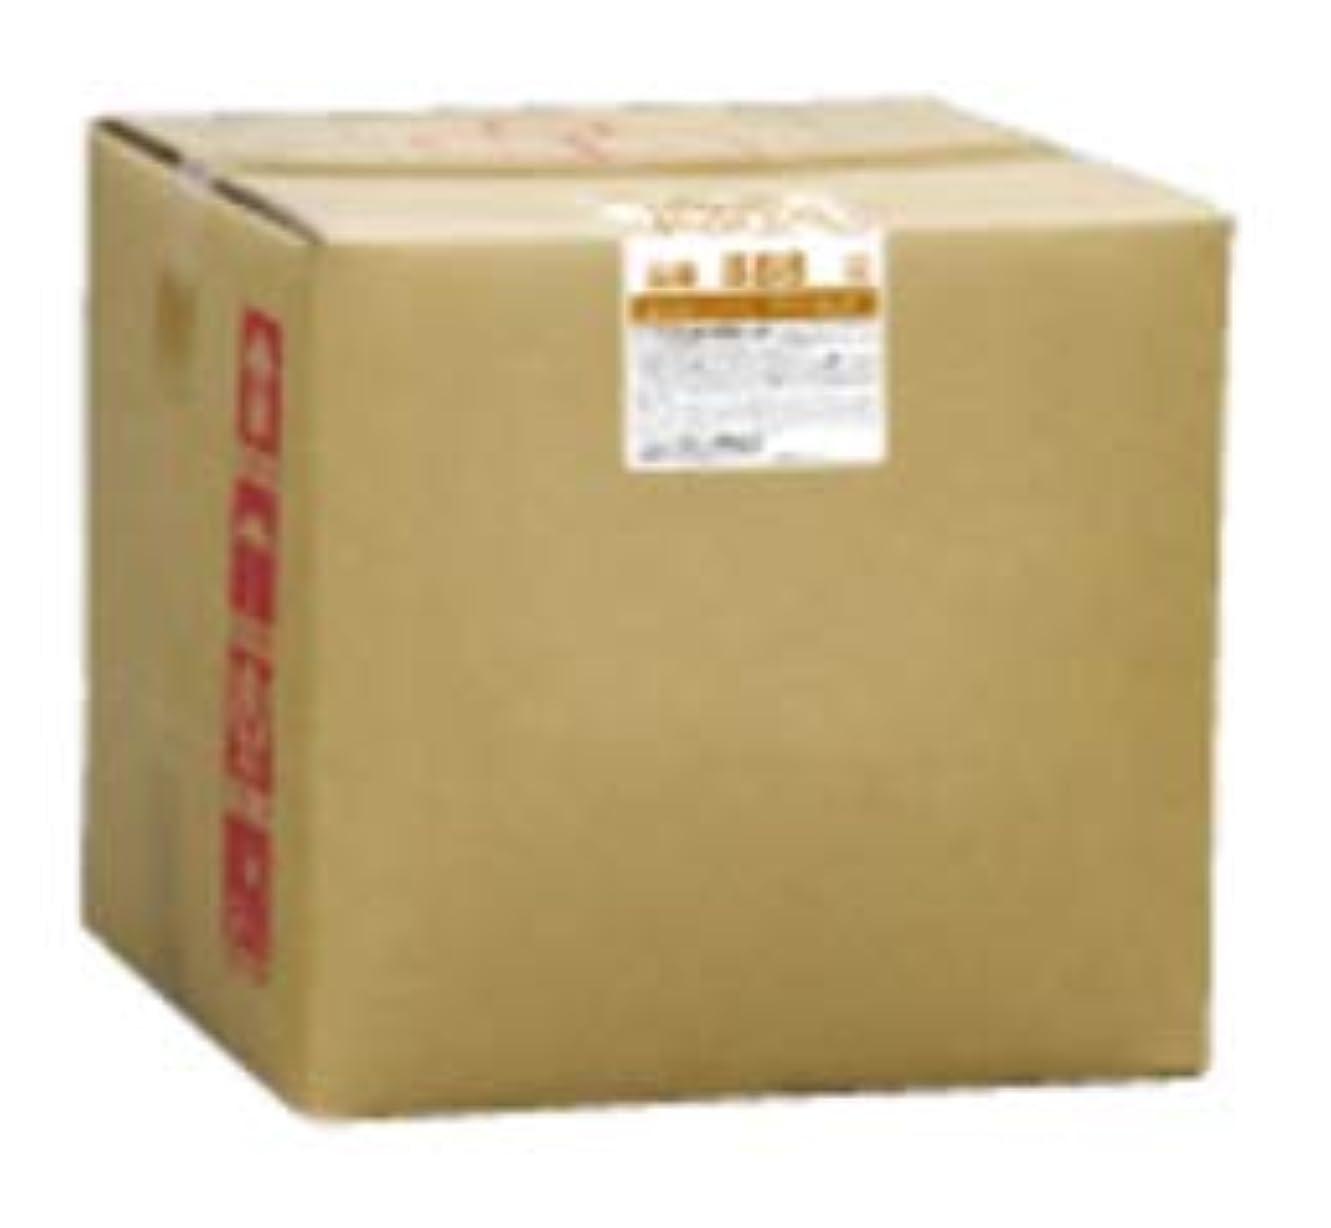 お勧めくびれたそれらフタバ化学 ラコンサ RakhOansat コンディショナー 18L 詰め替え 480ml専用空容器付